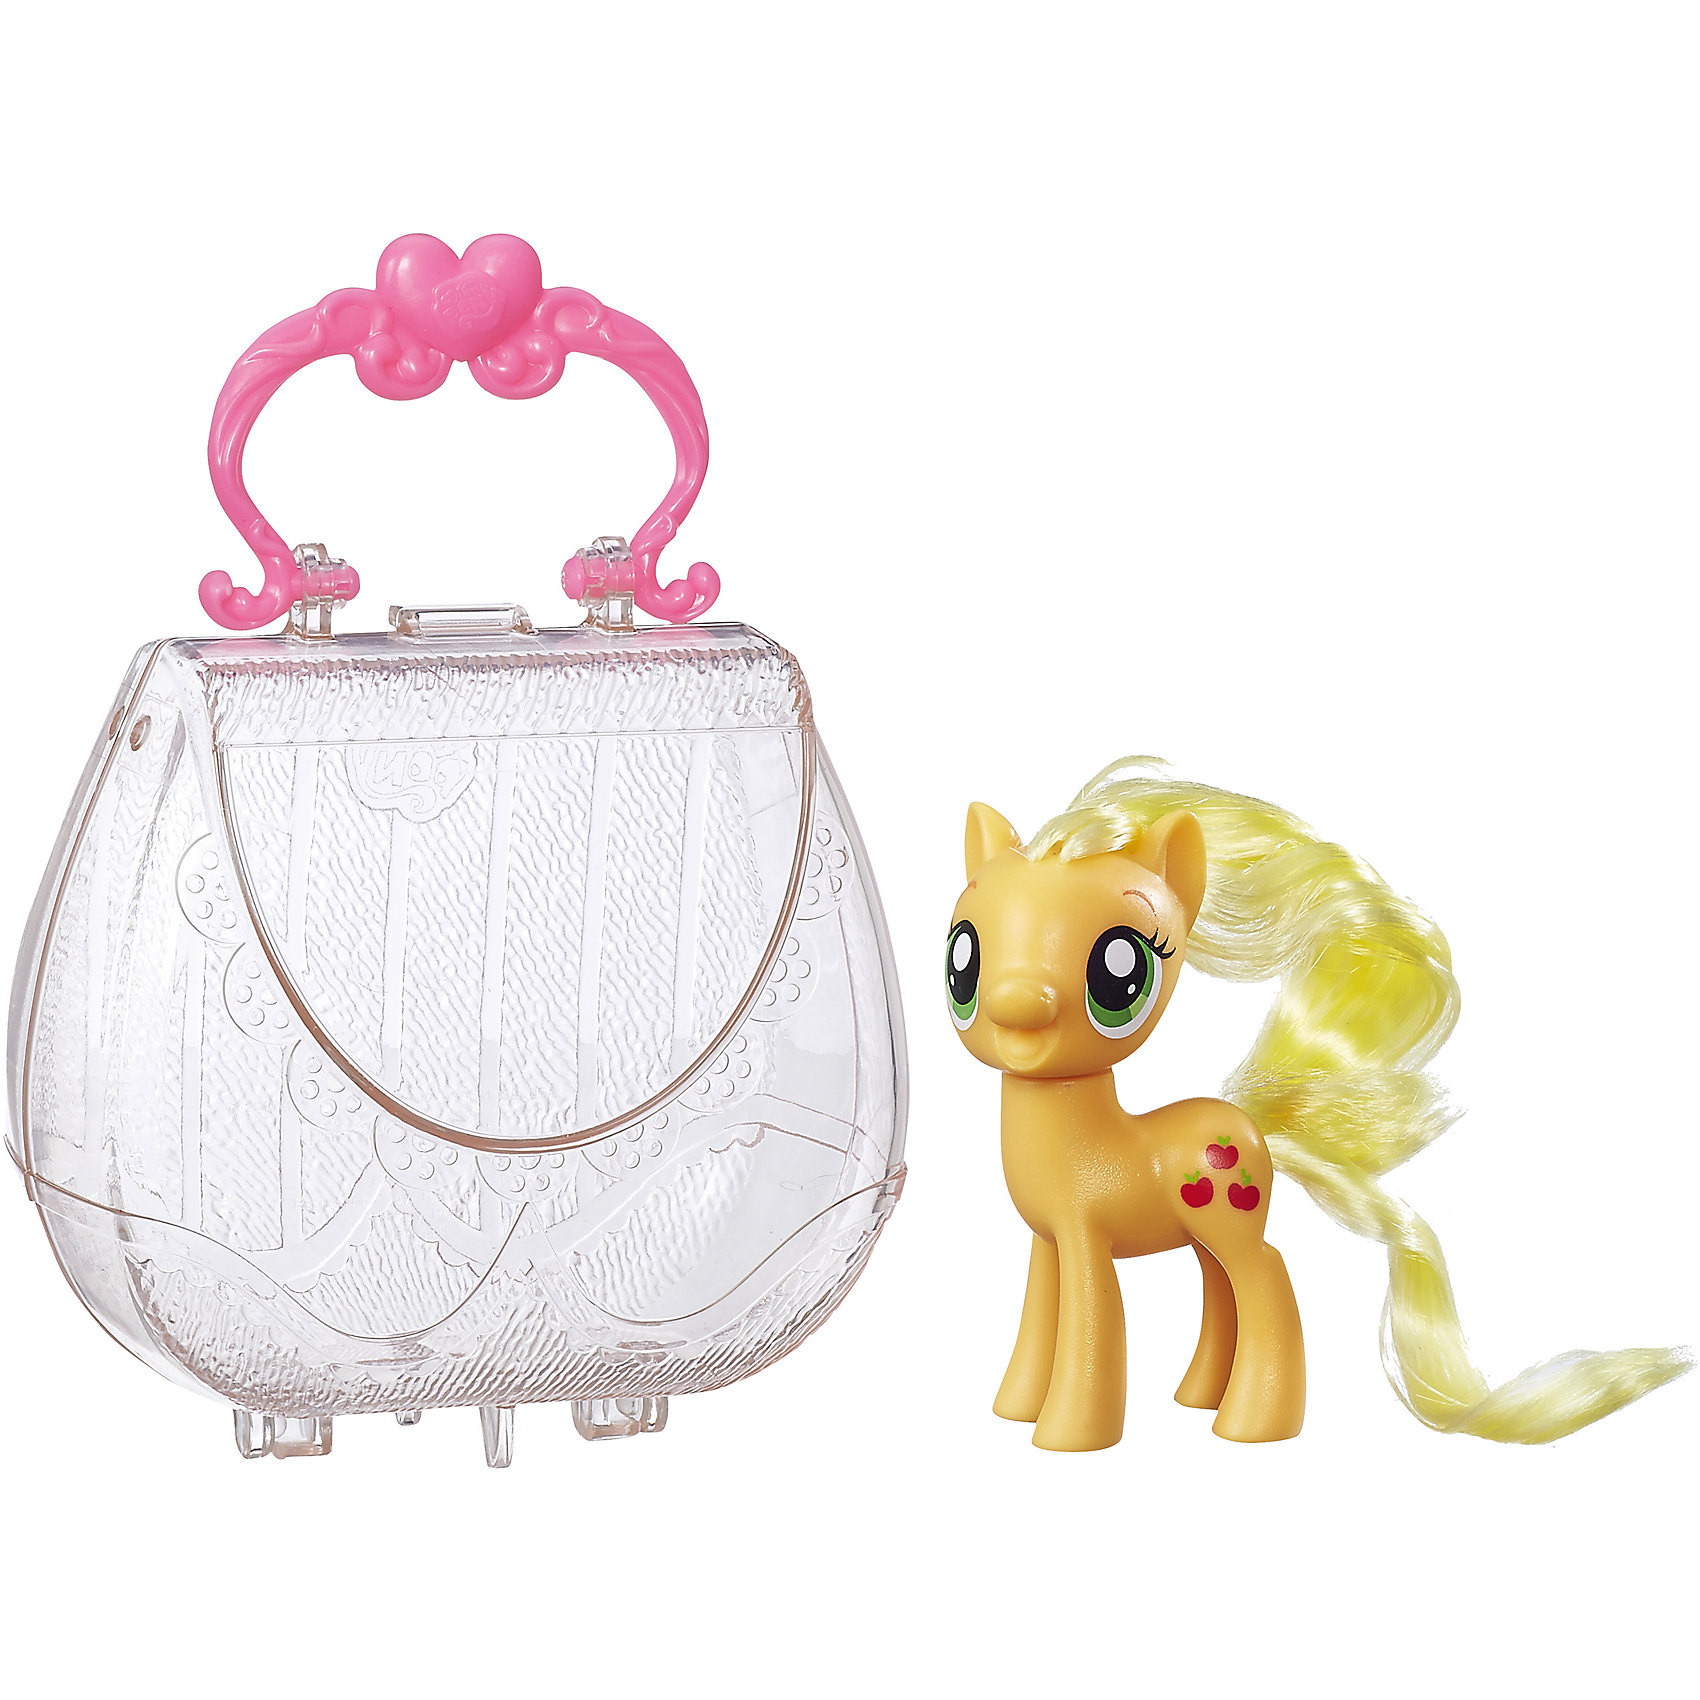 Пони в сумочке, My little Pony, ЭпплджекИгрушки<br>Характеристики:<br><br>• Вид игр: сюжетно-ролевые, коллекционирование<br>• Пол: для девочек<br>• Коллекция: My little Pony<br>• Материал: пластик, нейлон<br>• Высота фигурки: 7,5 см<br>• Комплектация: фигурка пони, прозрачная пластмассовая сумочка-кошелек<br>• Вес в упаковке: 150 г<br>• Размеры упаковки (Г*Ш*В): 15*4,5*16,2 см<br>• Упаковка: без упаковки на европодвесе<br><br>Пони в сумочке: Эпплджек, My little Pony, B8952/B9826 – это новая коллекция бренда My little Pony от Хасбро. В коллекции представлены фигурки Эпплджек, Рарити и Искорки. Особенности этой коллекции заключаются в том, что в комплекте предусмотрена прозрачная сумочка-кошелек. В эту сумочку с легкостью помещаются фигурки. У сумочки предусмотрена ручка и ножки, которые ее делают устойчивой, благодаря чему ее можно использовать как футляр для хранения игрушки на полке. Сумочка выполнена в стильном дизайне: ажурные узоры и яркая ручка делают ее стильным аксессуаром для девочки. Фигурки выполнены из экологически безопасного и прочного пластика, который устойчив к физическим и механическим повреждениям, окрашены нетоксичными яркими красками, которые не изменяют свой цвет даже при длительной эксплуатации. Игры с такими фигурками будут способствовать развитию фантазии, воображения, научат девочку следить за своим внешним видом. Пони в сумочке: Эпплджек, My little Pony, B8952/B9826 – это замечательный подарок для девочки к любому празднику!<br><br>Пони в сумочке: Эпплджек, My little Pony, B8952/B9826 можно купить в нашем интернет-магазине.<br><br>Ширина мм: 64<br>Глубина мм: 146<br>Высота мм: 273<br>Вес г: 203<br>Возраст от месяцев: 36<br>Возраст до месяцев: 120<br>Пол: Женский<br>Возраст: Детский<br>SKU: 5363512